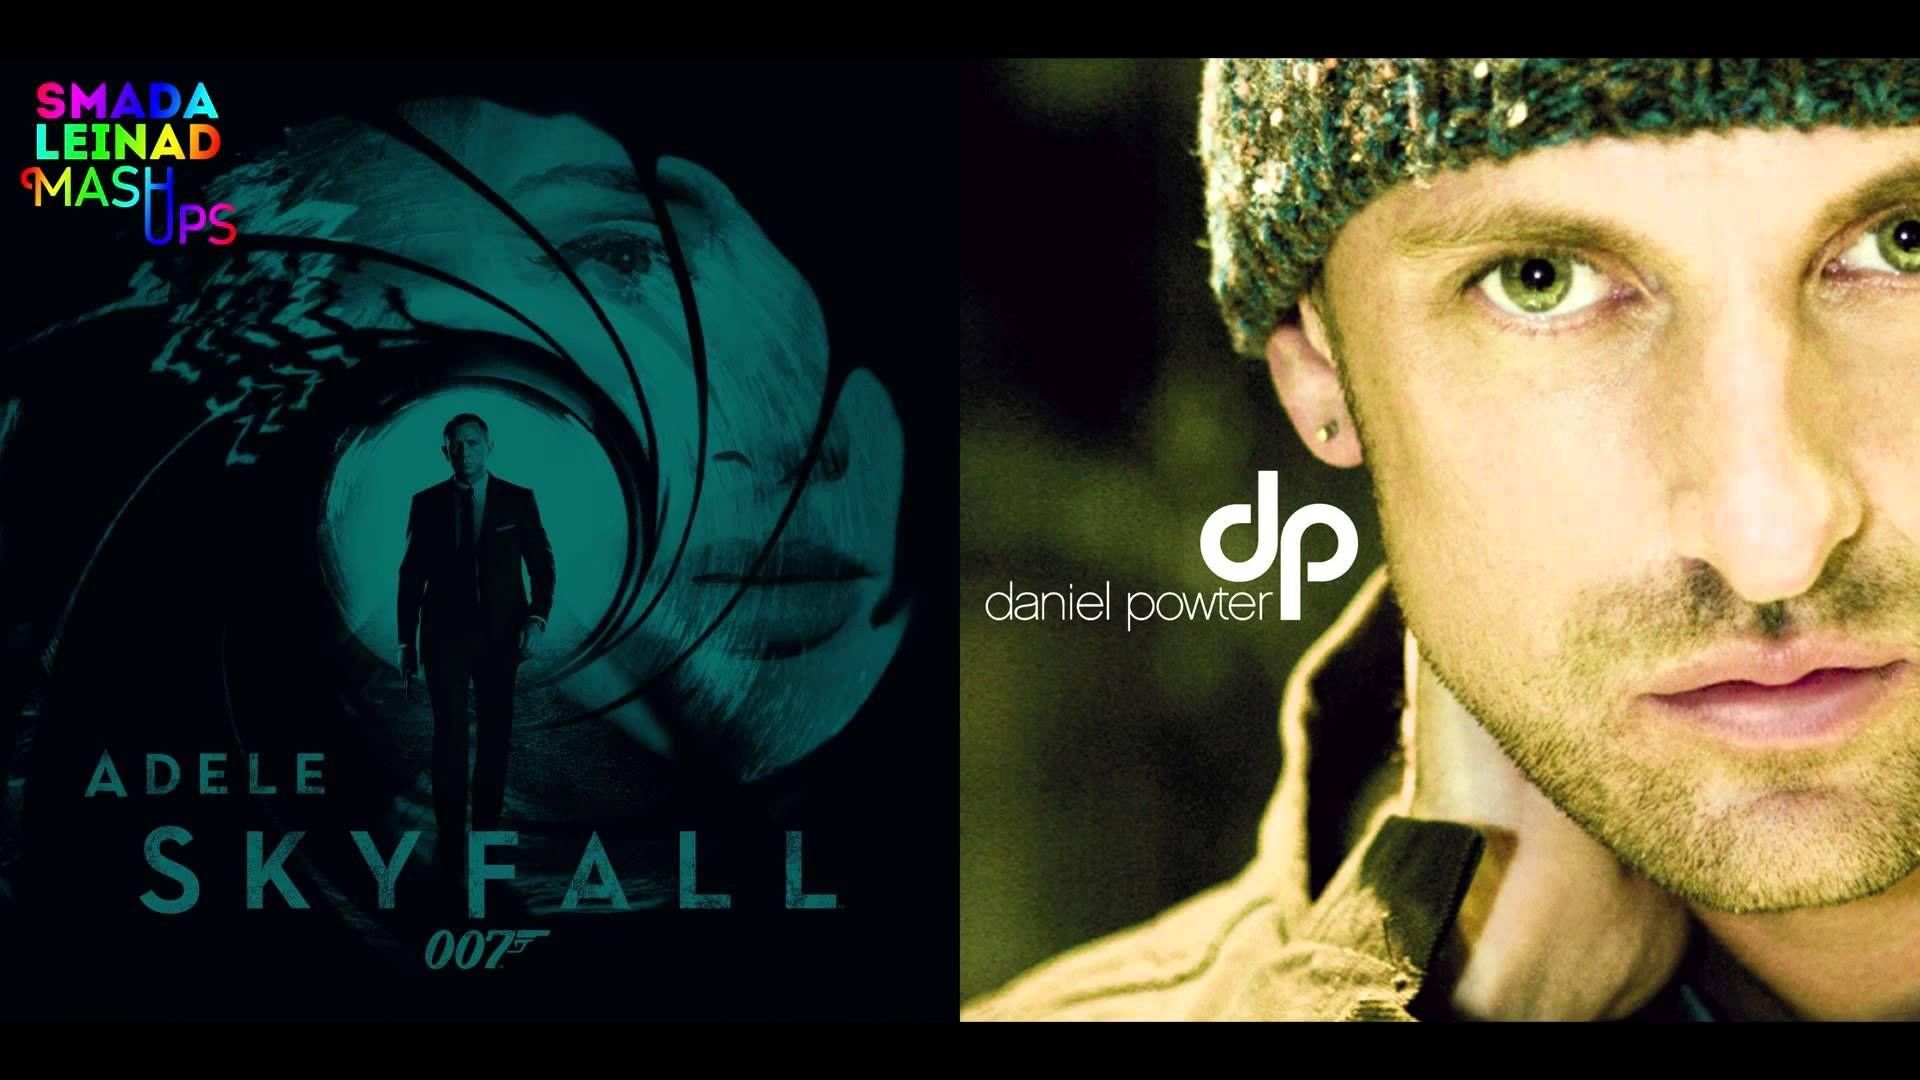 Adele Vs Daniel Powter Bad Day For A Skyfall Daniel Powter Bad Day Skyfall Adele